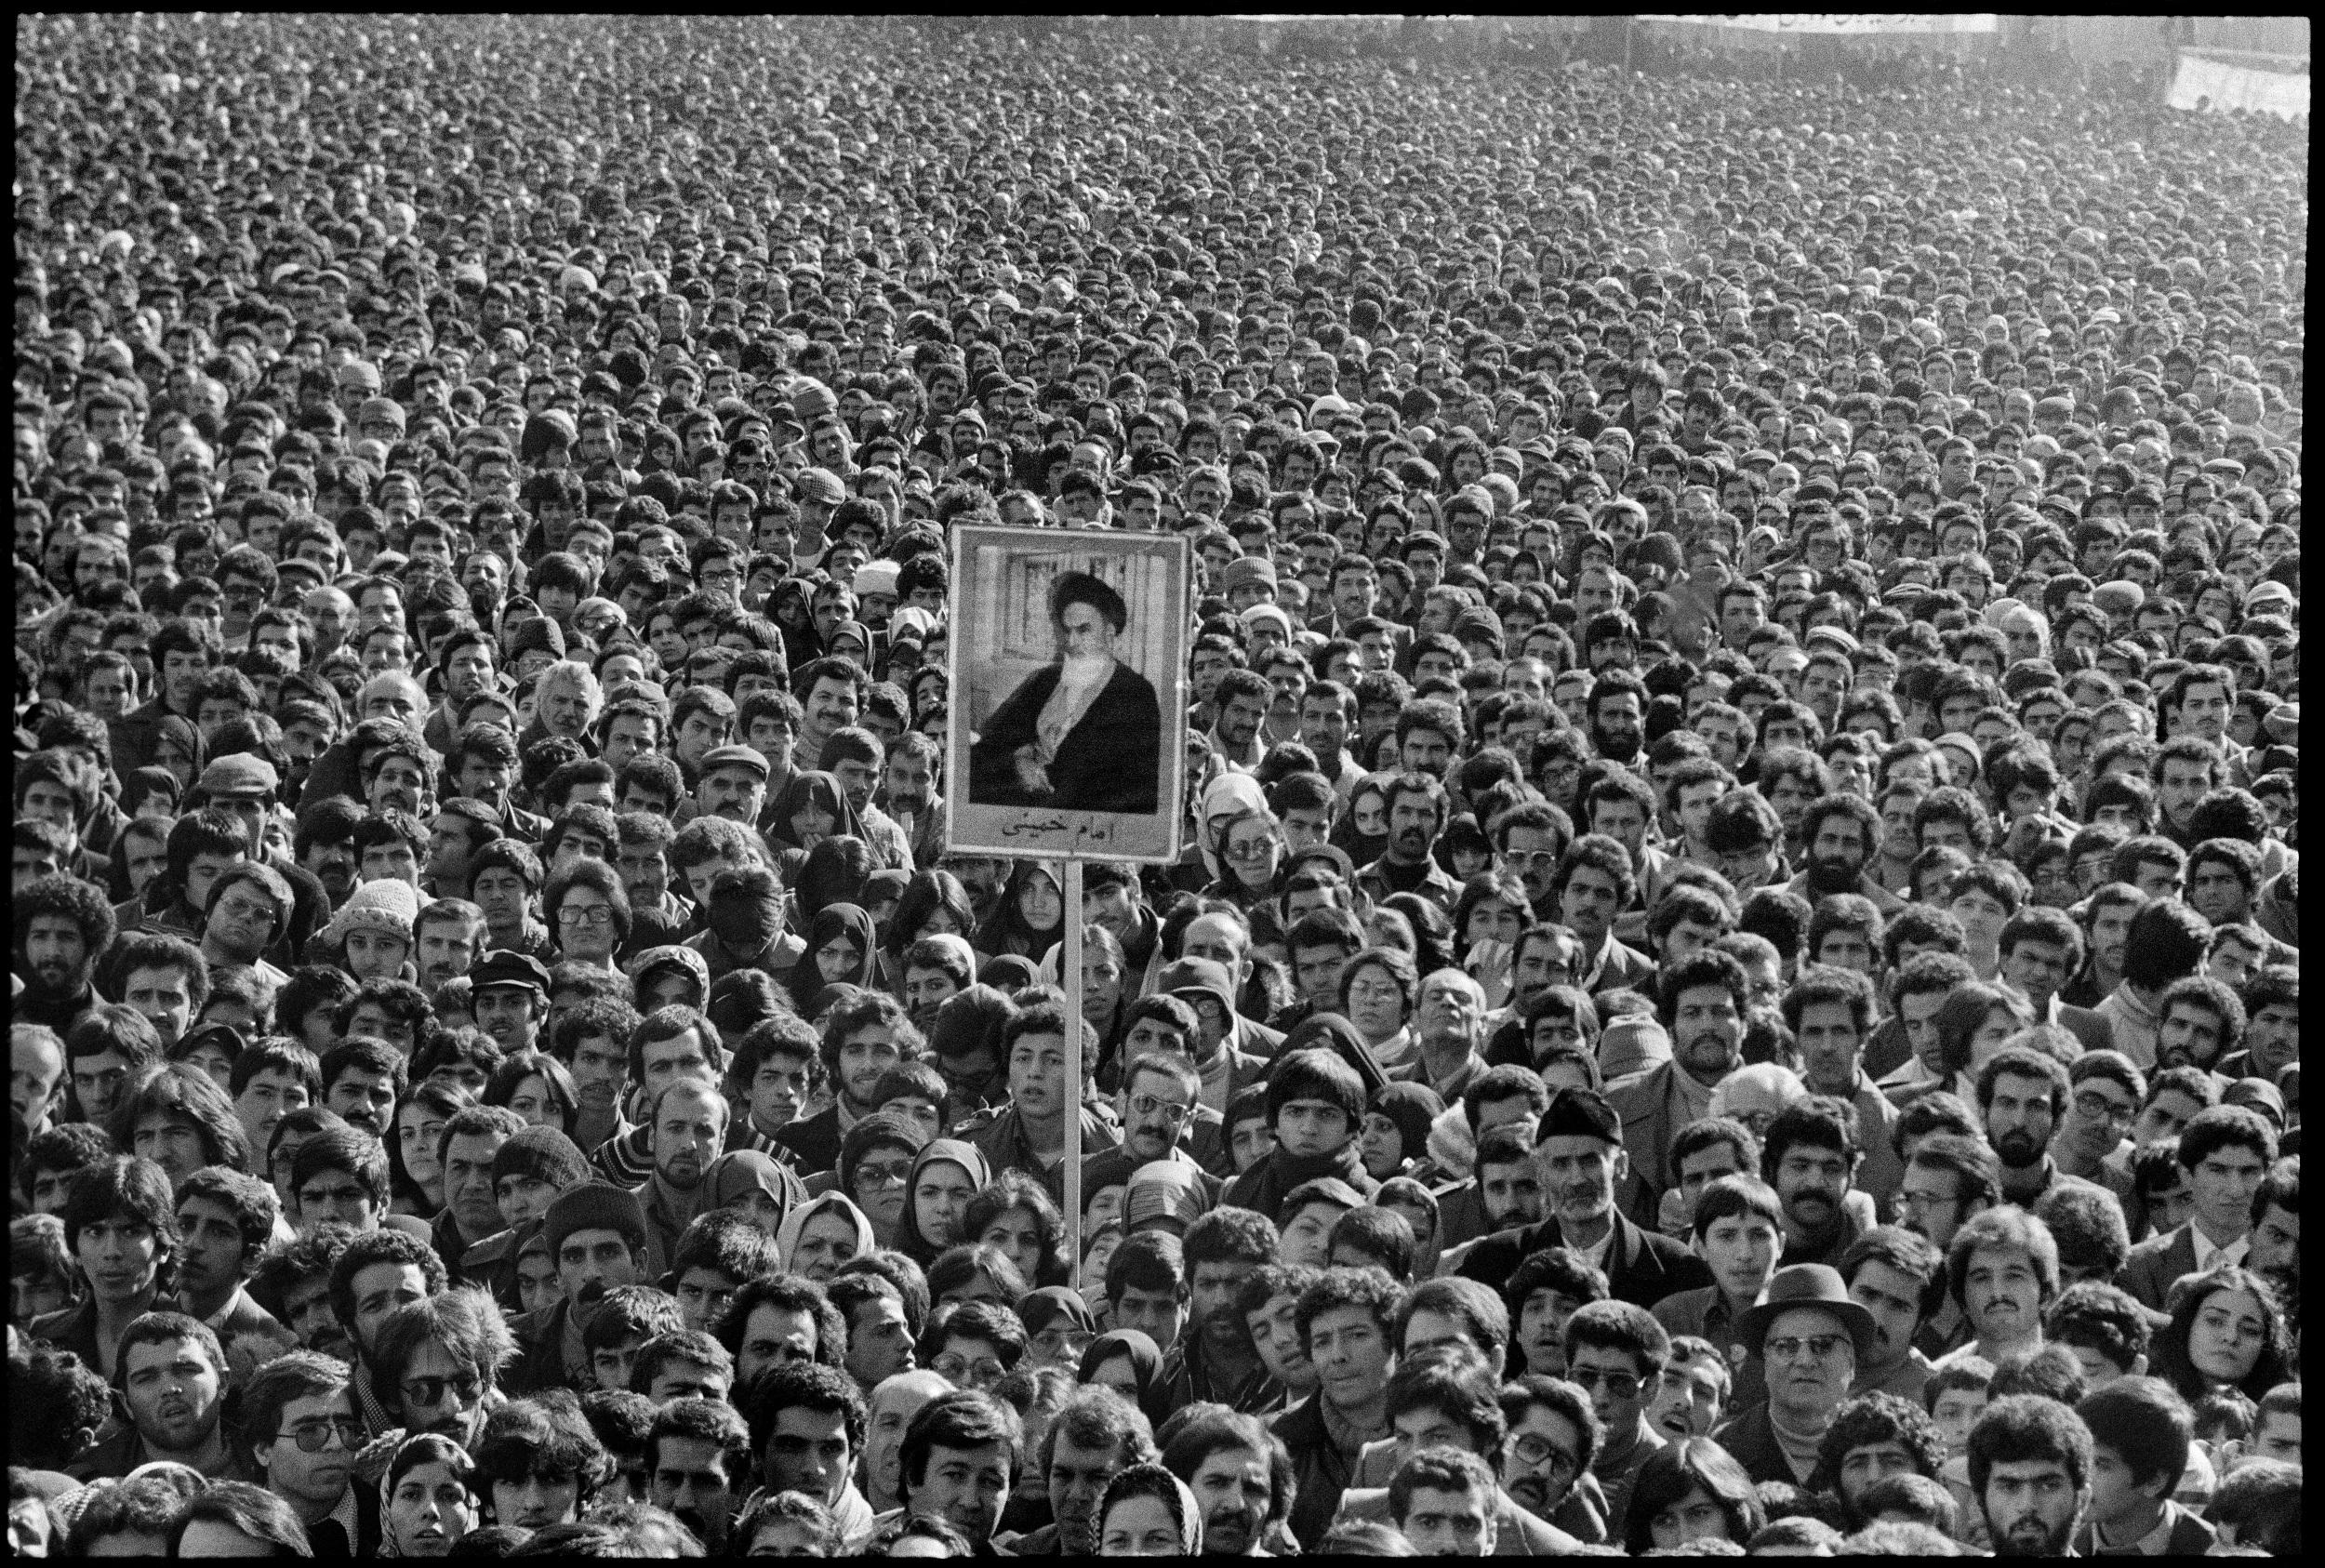 EP3 -copyright Abbas_Magnum Photos Teheran-Iran 1979 -1